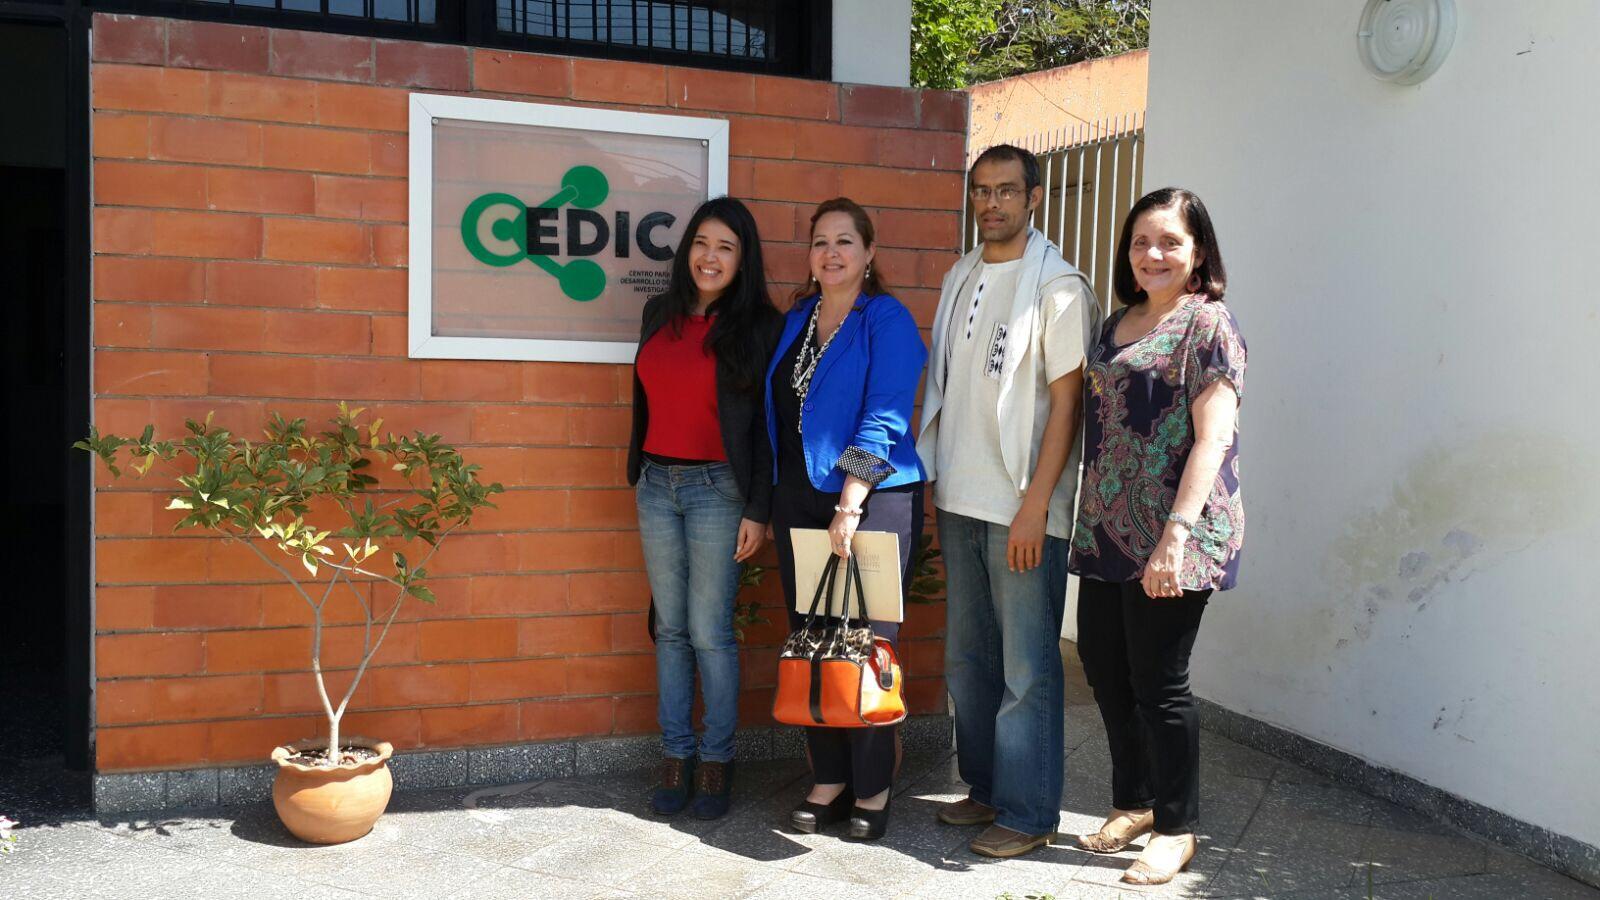 Alejandra Vera de la UA, Cesia Villalba del Senepa, y del CEDIC Diego Dorigo y Antonieta Rojas de Arias.